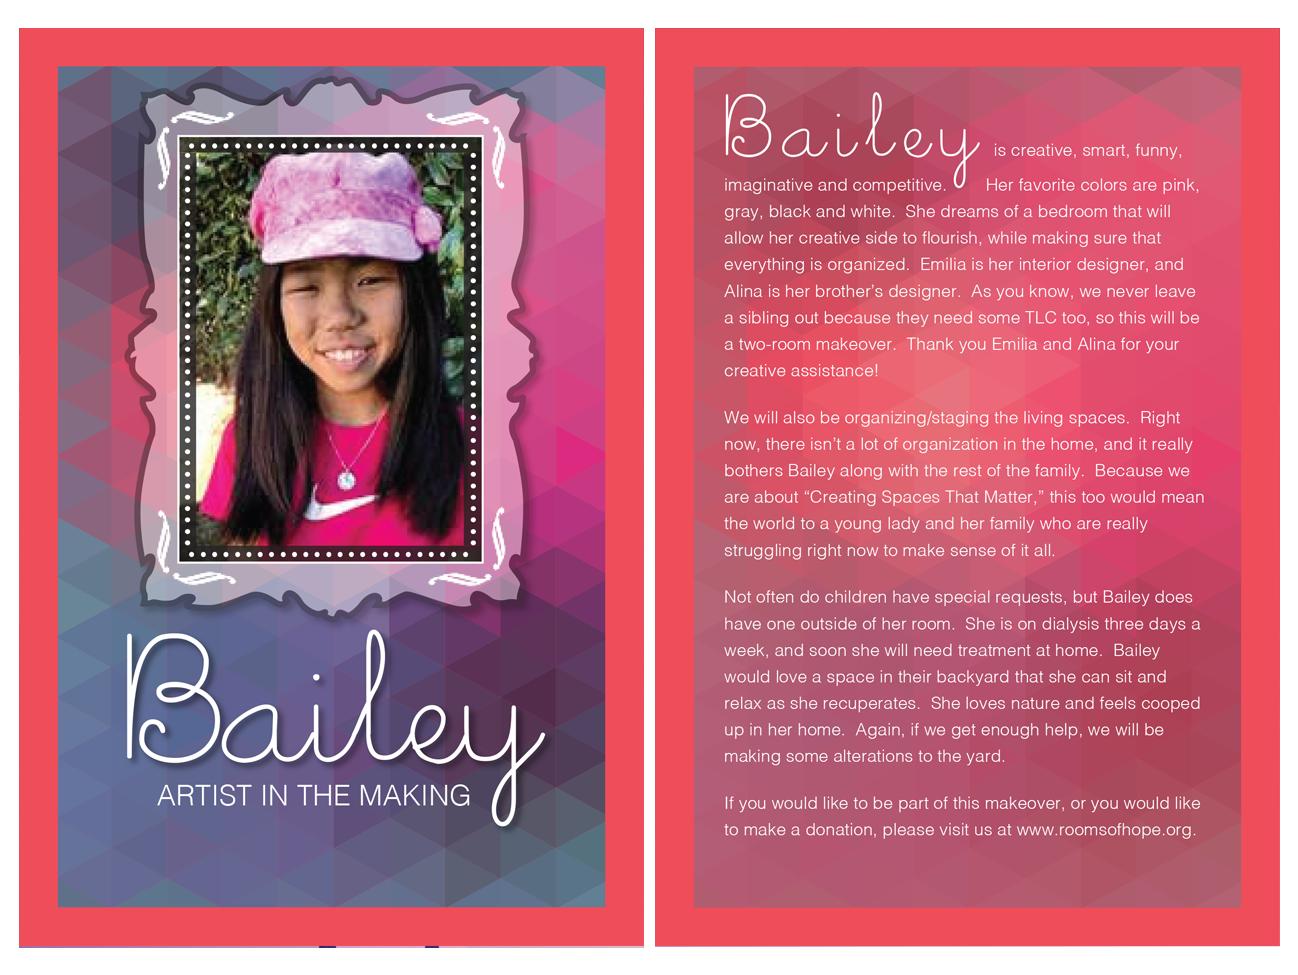 bailey_sidebyside